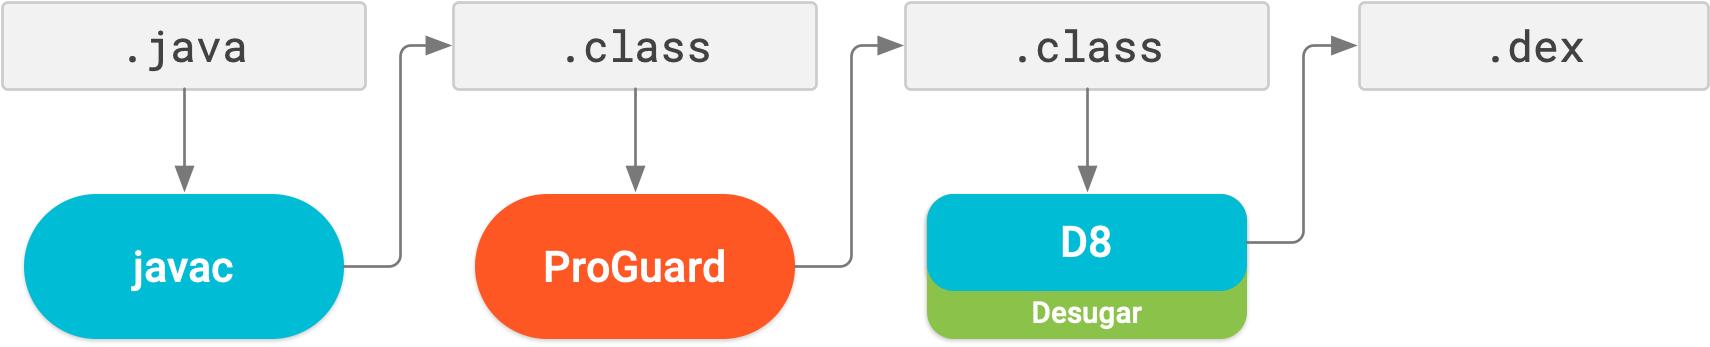 Antes de R8, ProGuard era un paso de compilación independiente de la conversión a dex y desugaring.